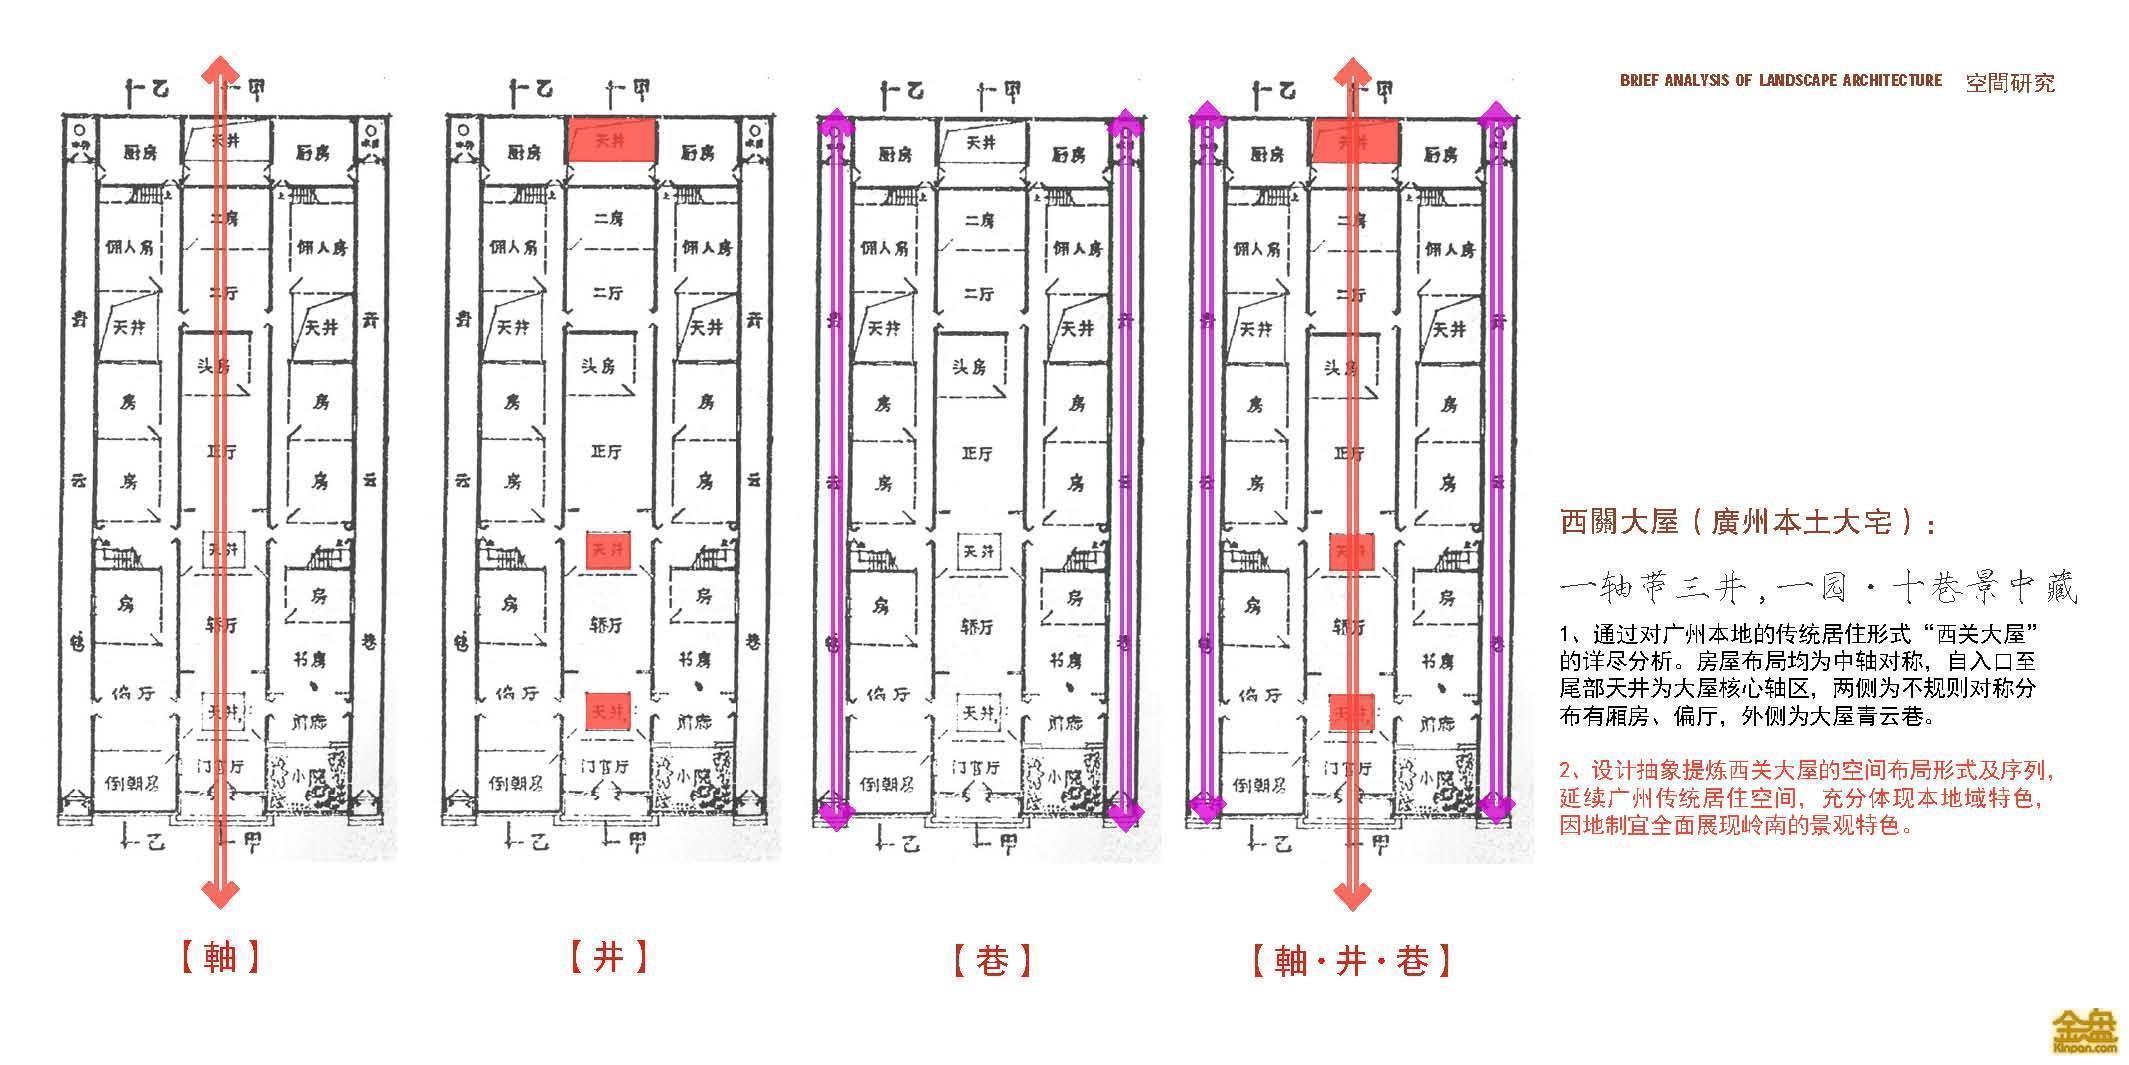 页面提取自-20170915广州中冶概念汇报文本第六版.jpg